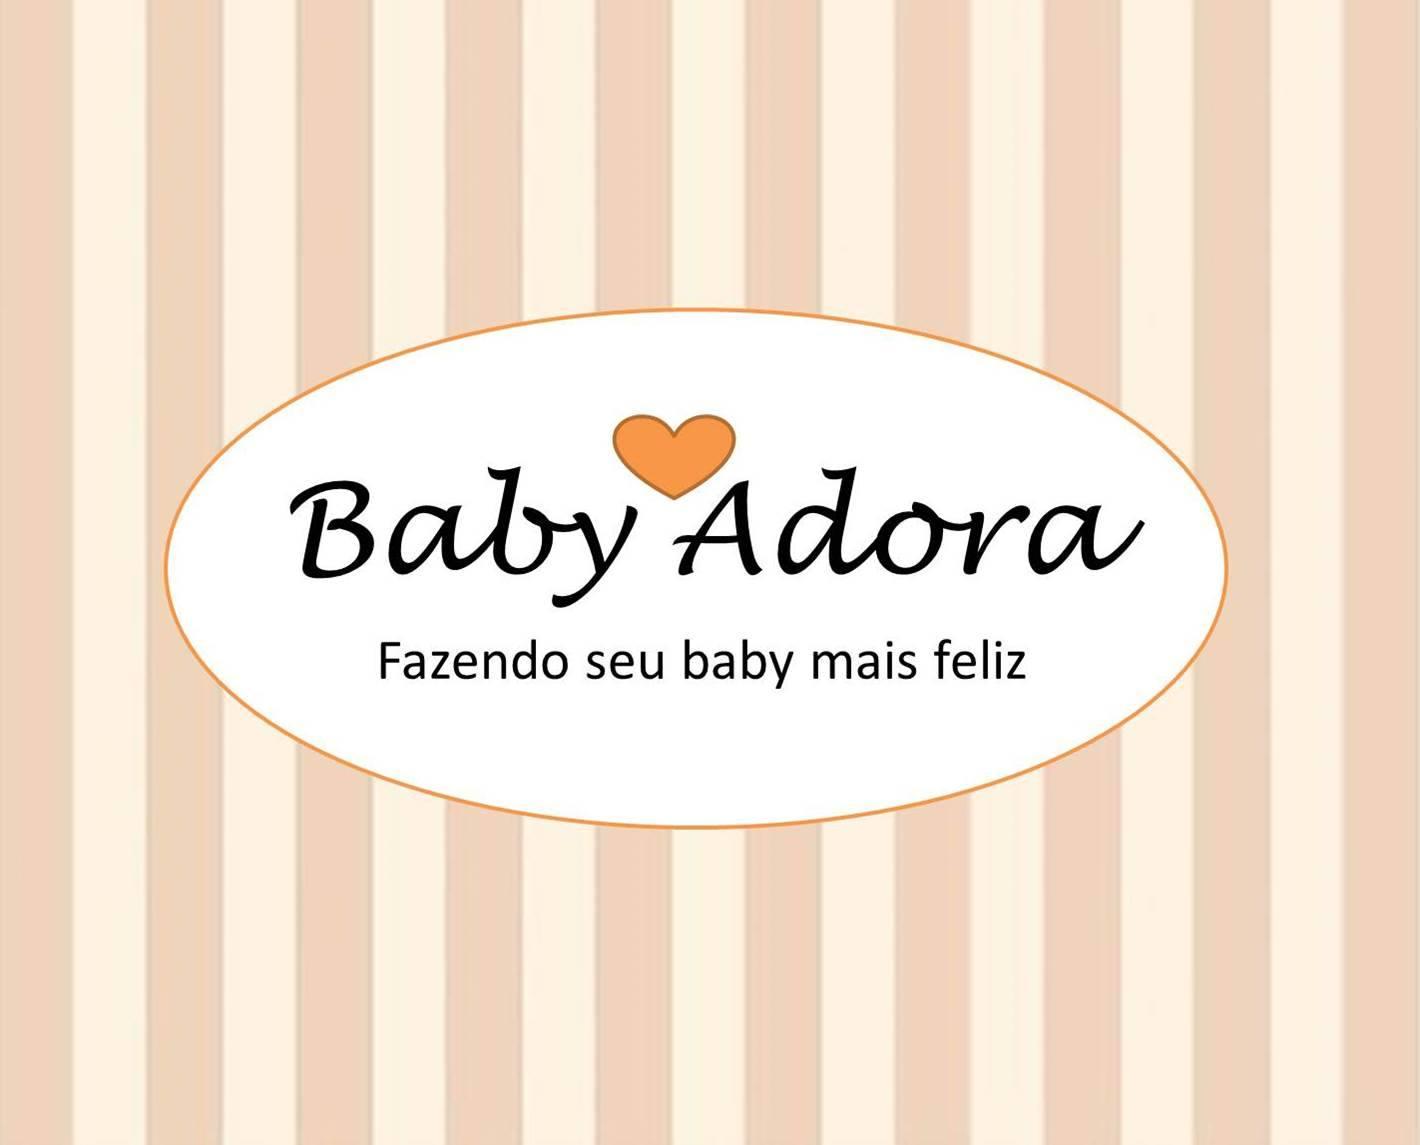 Baby Adora